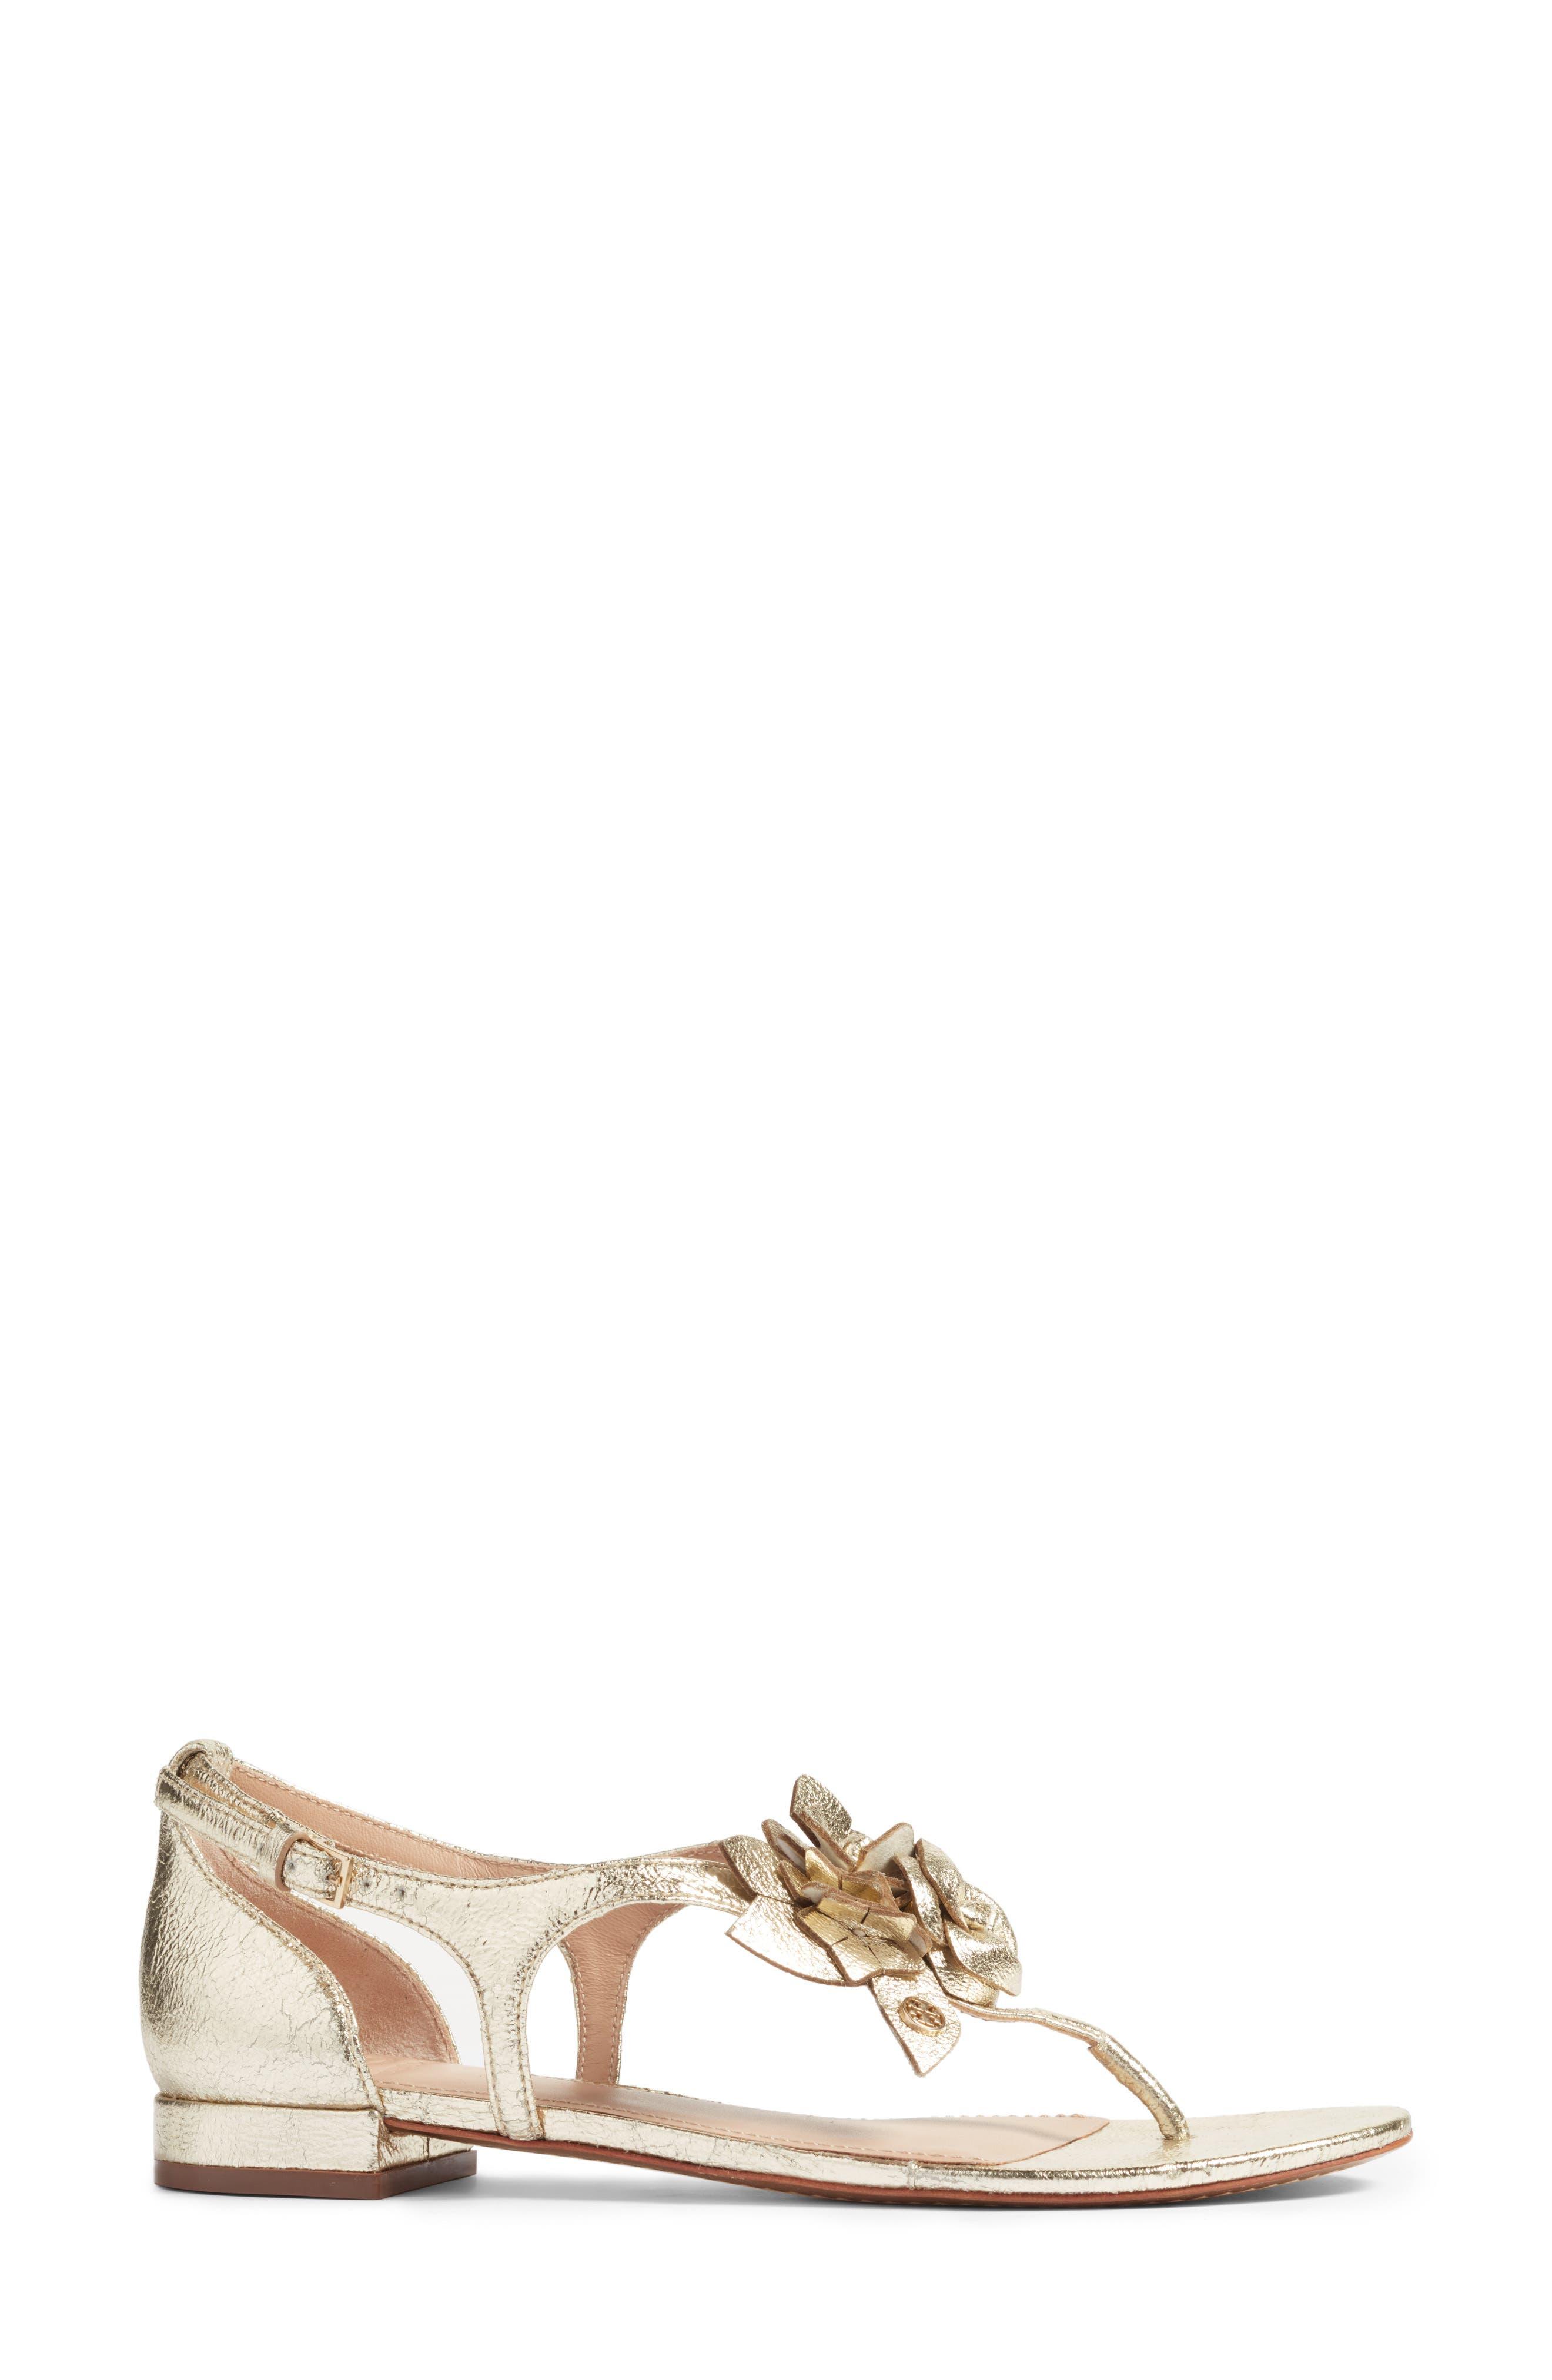 Alternate Image 3  - Tory Burch Blossom Sandal (Women)